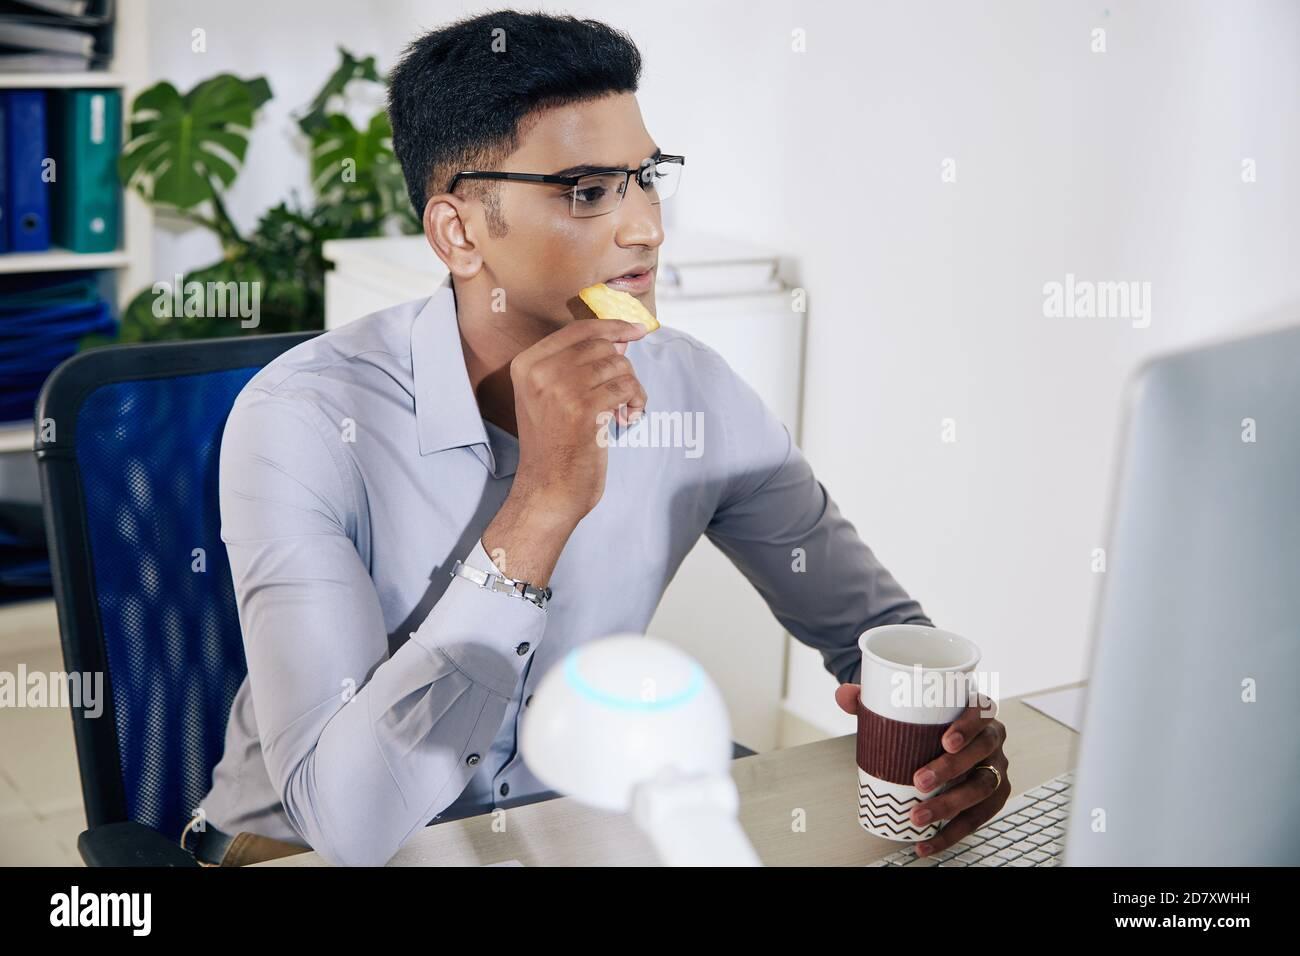 Le développeur de logiciels boit du café Banque D'Images